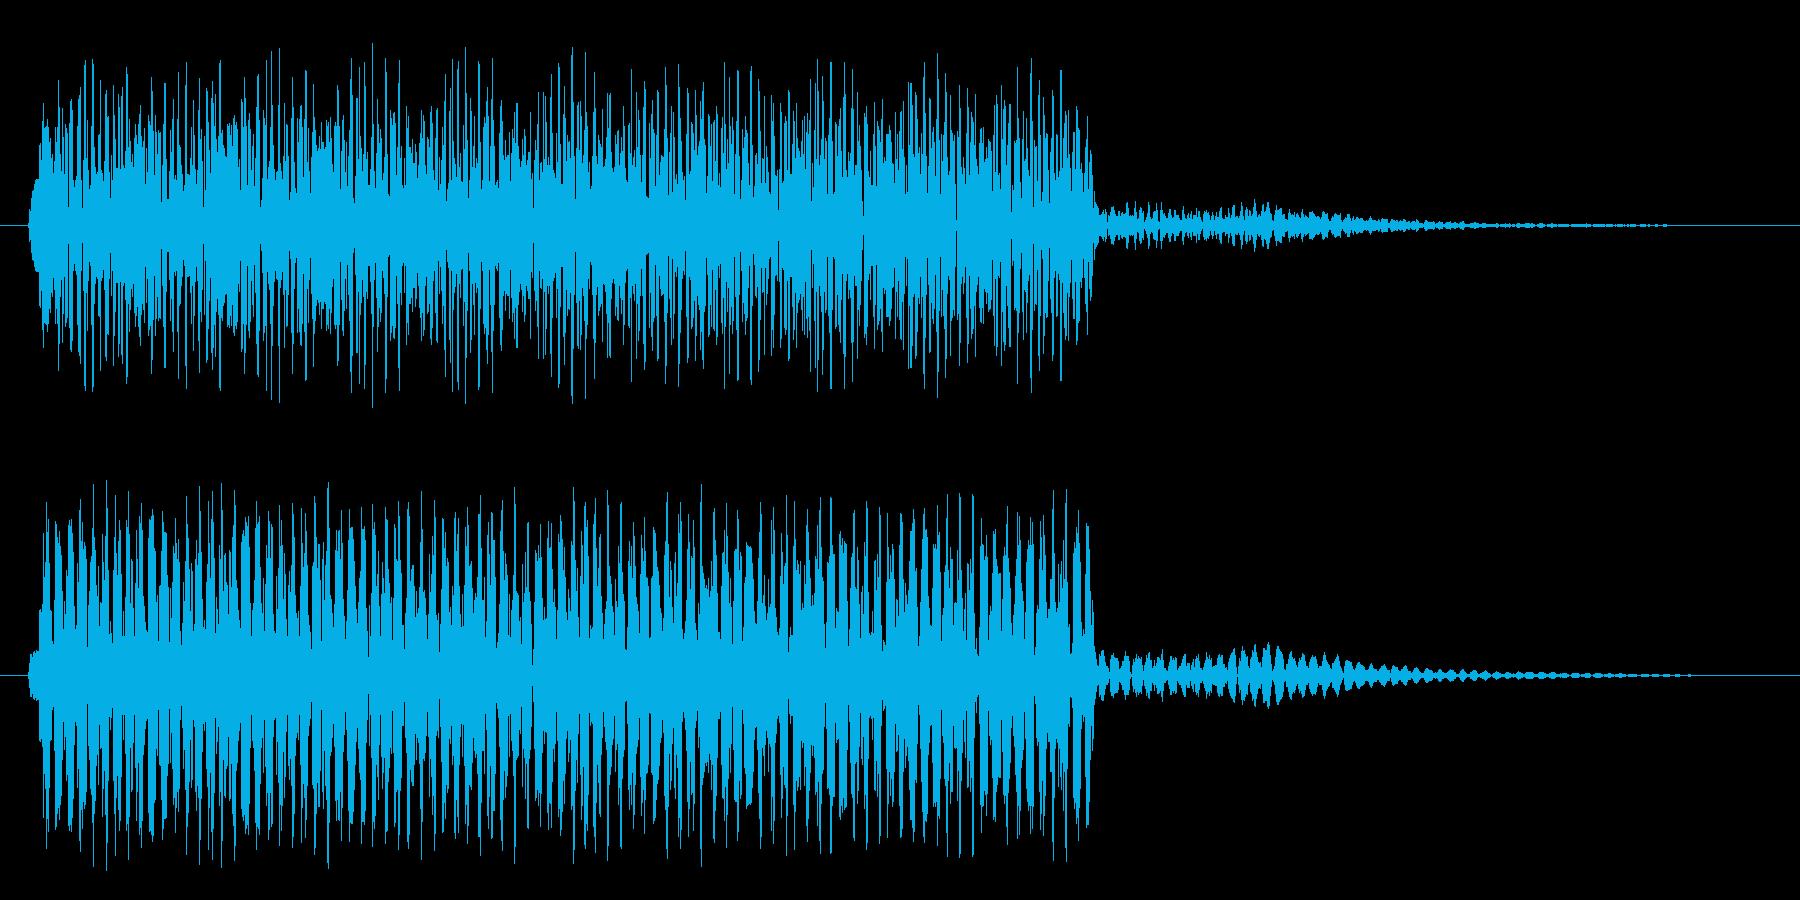 タァーー(オルガン系)の再生済みの波形